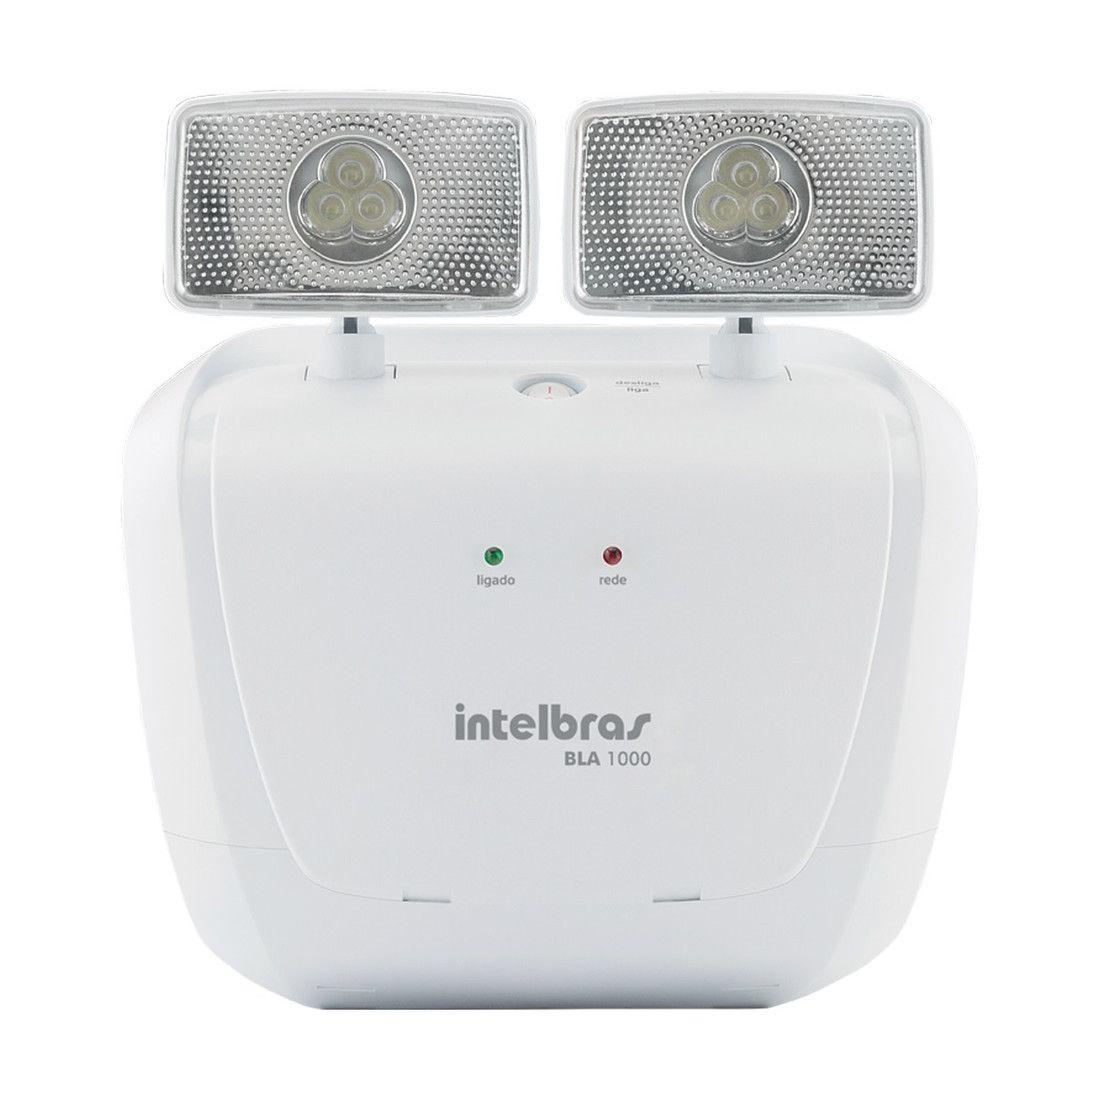 Bloco de Iluminação de Emergência Intelbras BLA 1000 Lúmens